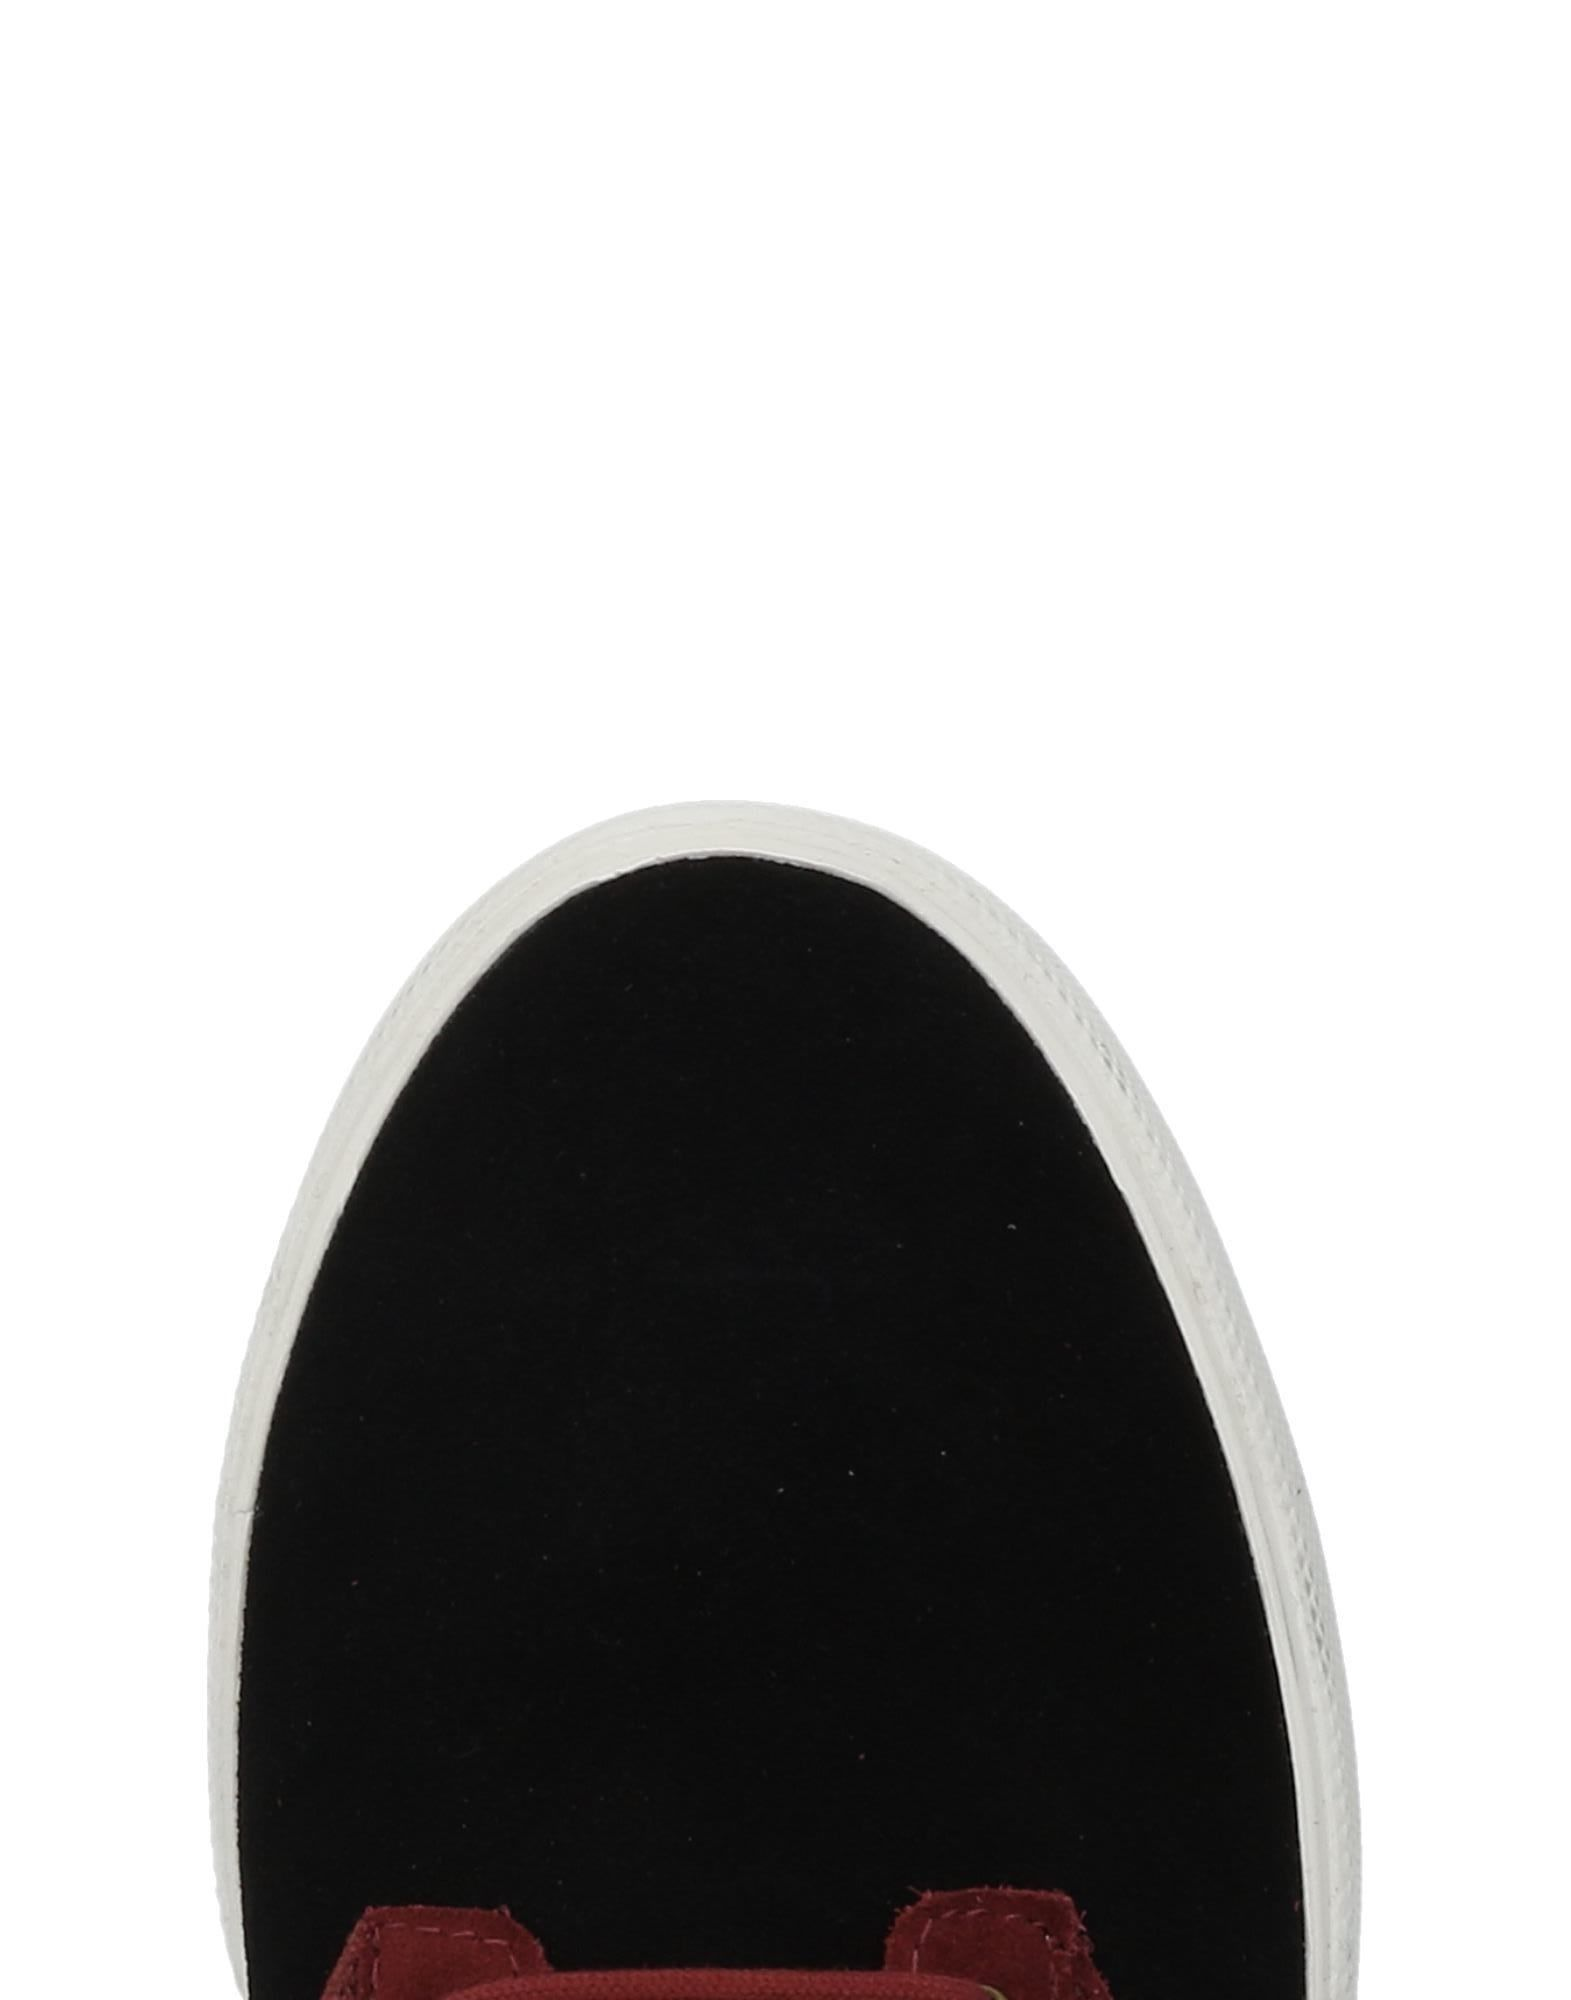 Rabatt Herren echte Schuhe Etnies Sneakers Herren Rabatt  11479709JJ 78c6a4